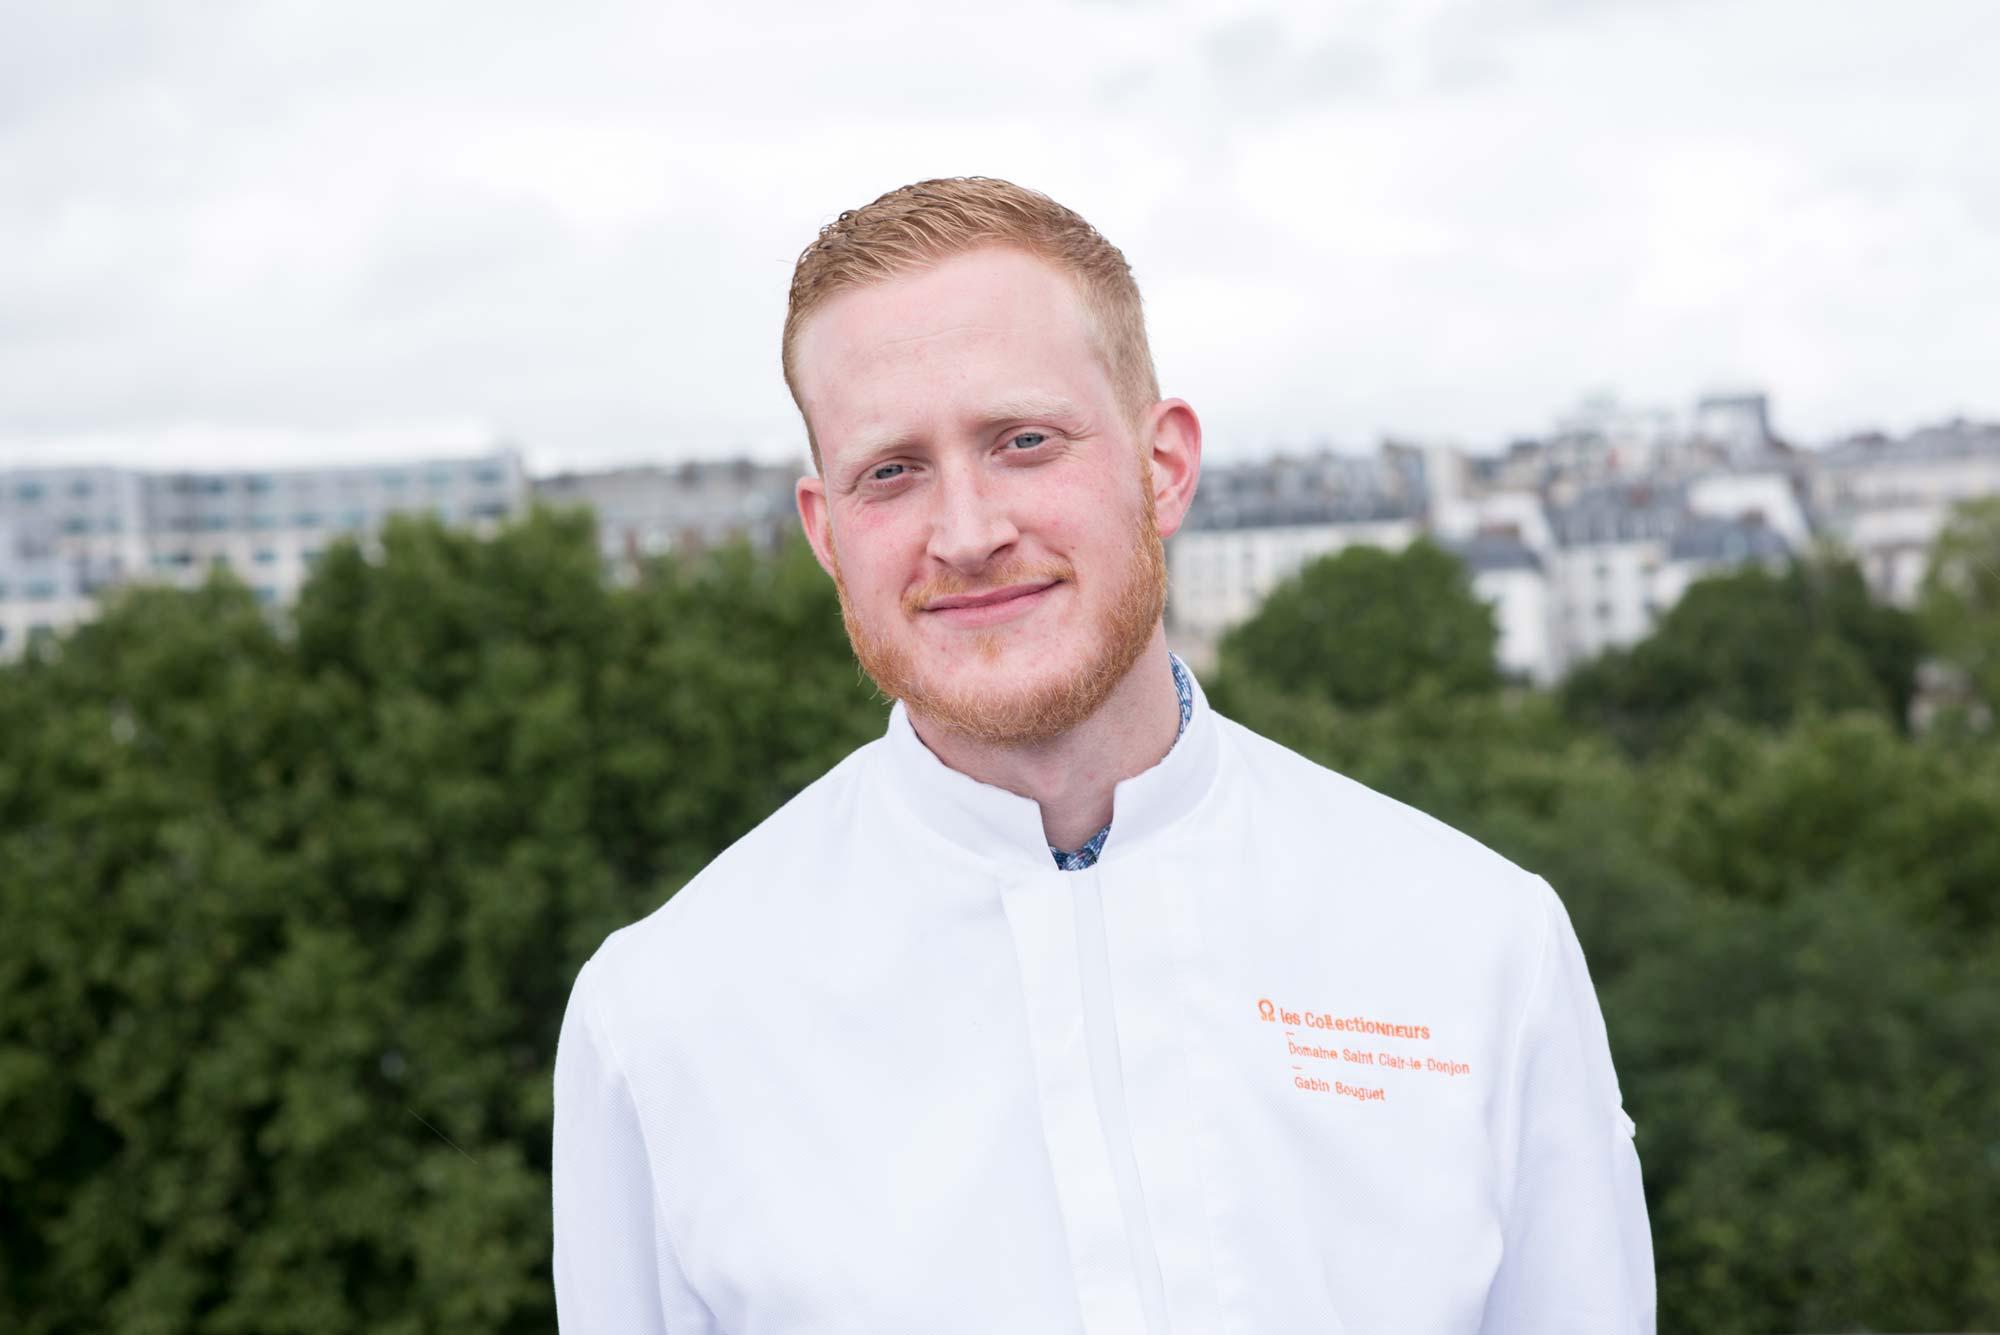 Photo portrait d'un chef en veste de cuisine blanche logotée les Collectionneurs et brodée au nom du chef, soit Gabin Bouguet